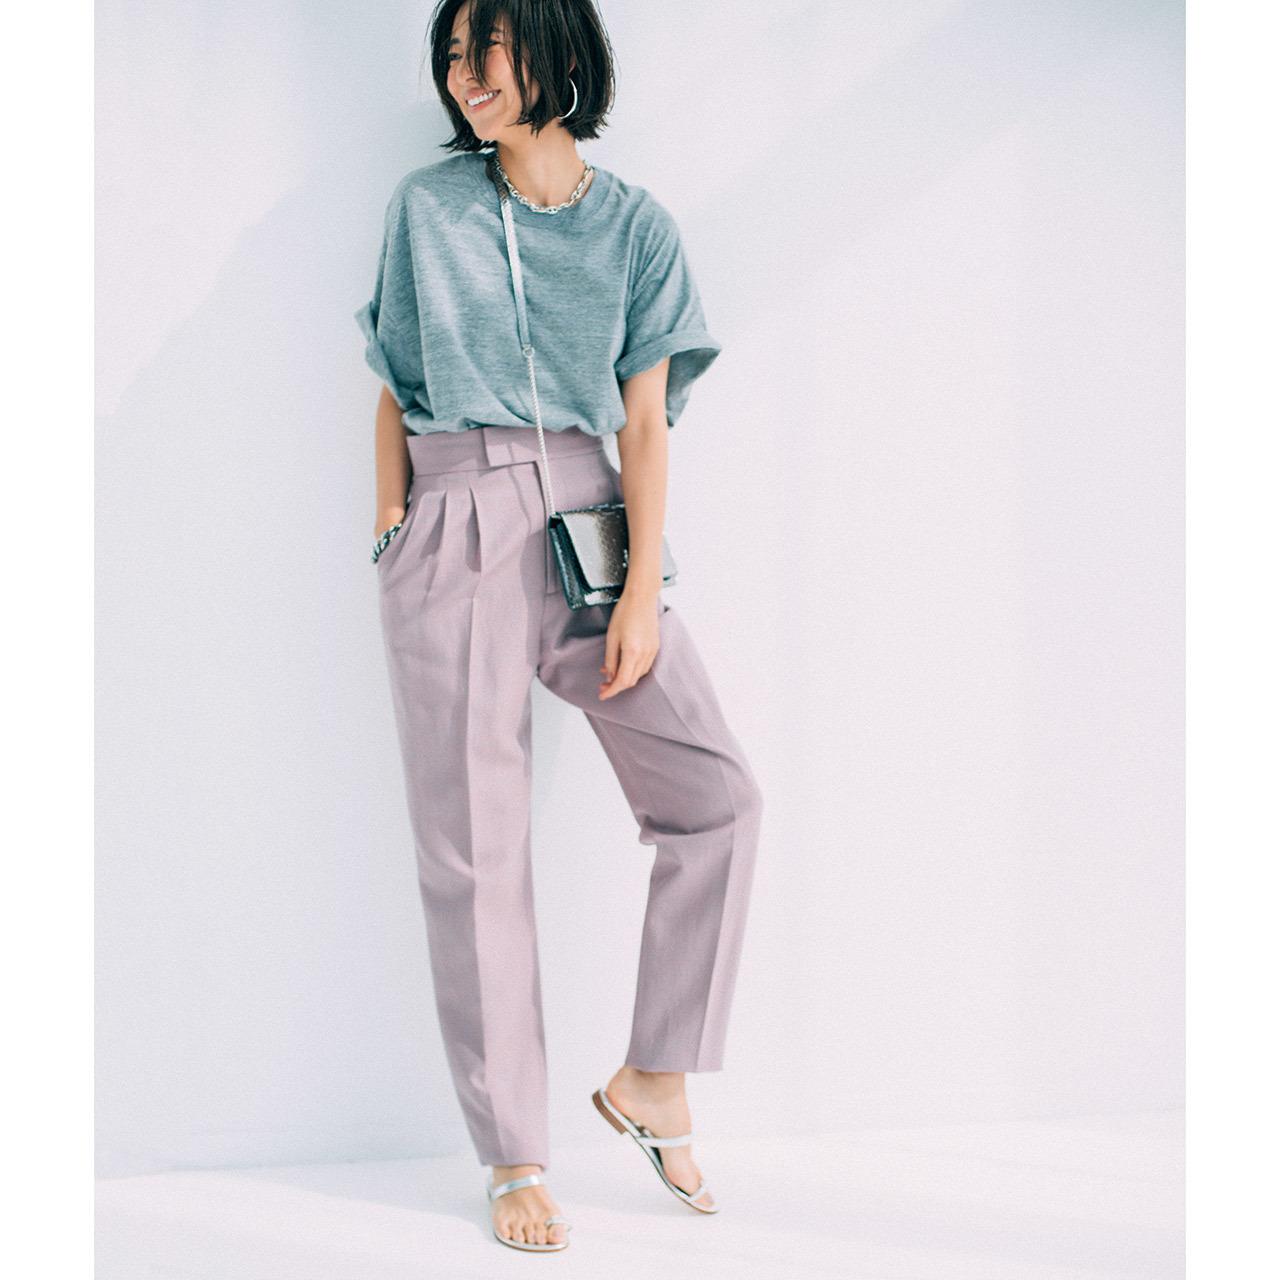 グレーTシャツとくすみピンのパンツのワンツーコーデ  モデル・小泉里子